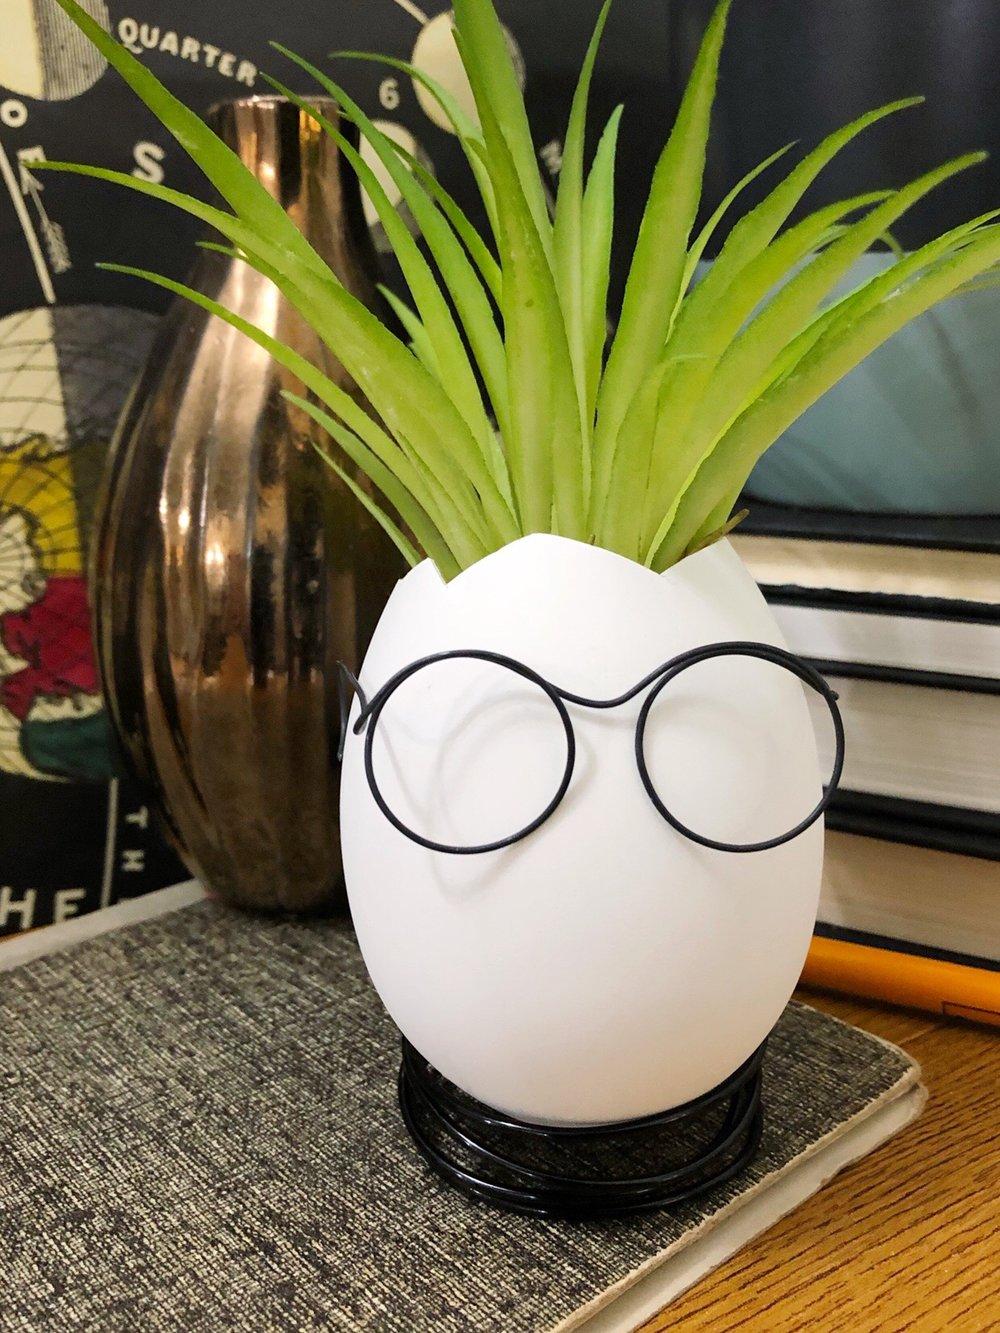 Easter Egg Head DIY   #easter #easterdecorations #eastereggdiy #easteregg #succulent #airplants #nomesseasteregg #plasticeasteregg #springplant #spring #harrypotterdiy #nerddiy #nerd #glasses #fauxplants #decoratingeastereggs #easterdecor #madebymichaels